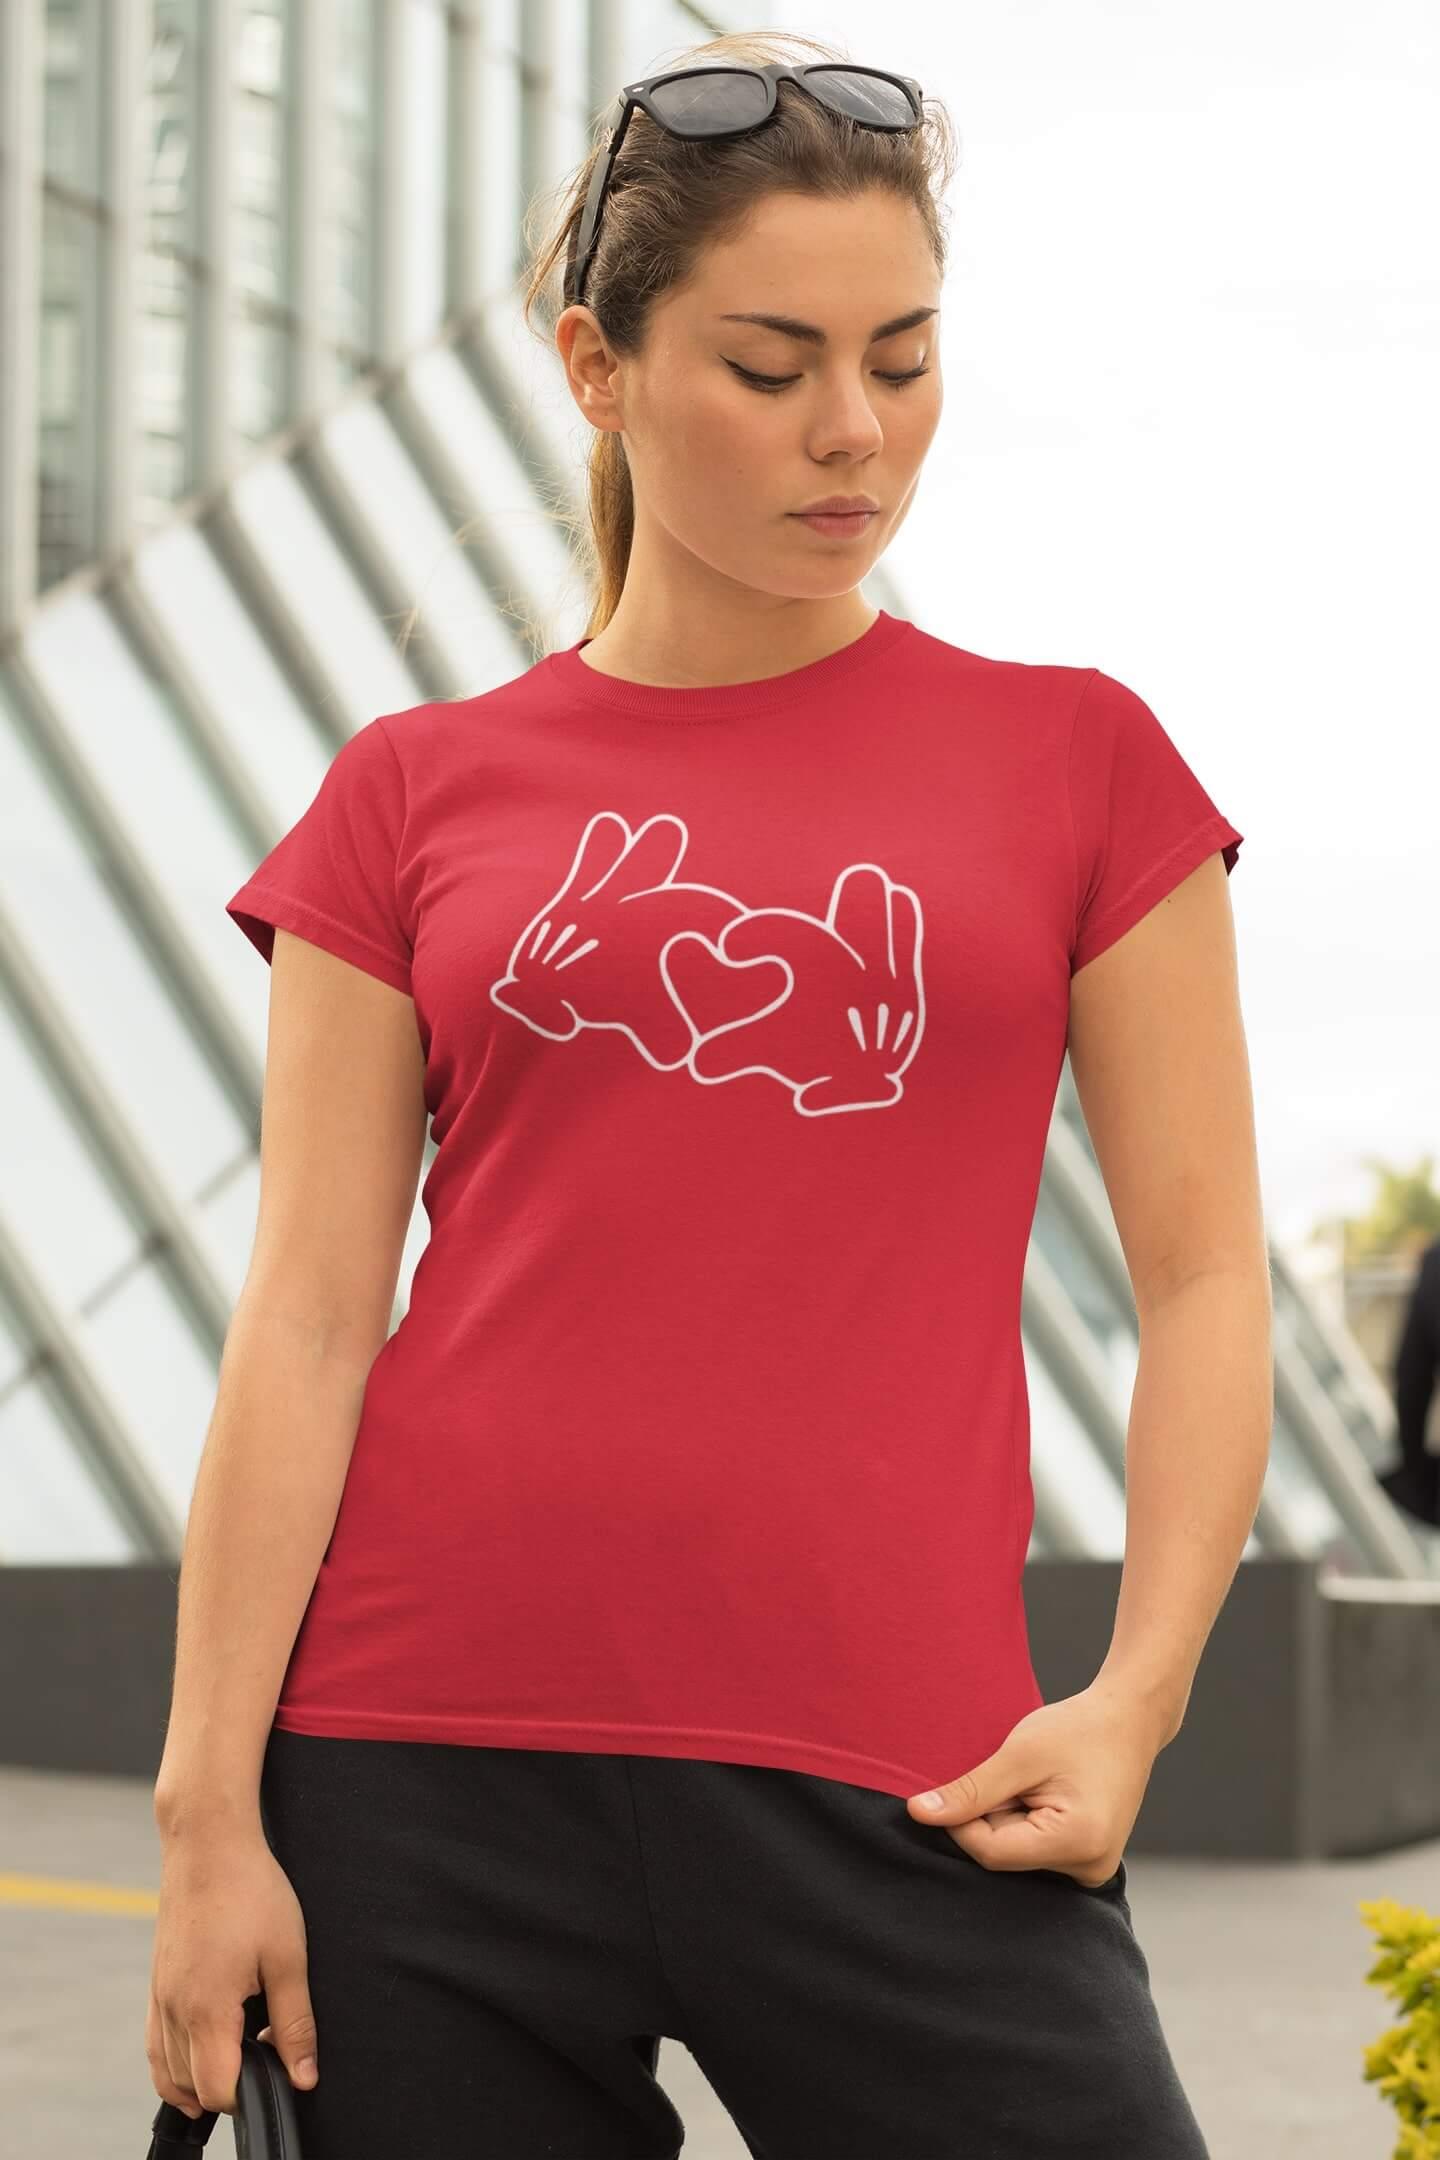 MMO Dámske tričko ruky Vyberte farbu: Červená, Dámska veľkosť: M